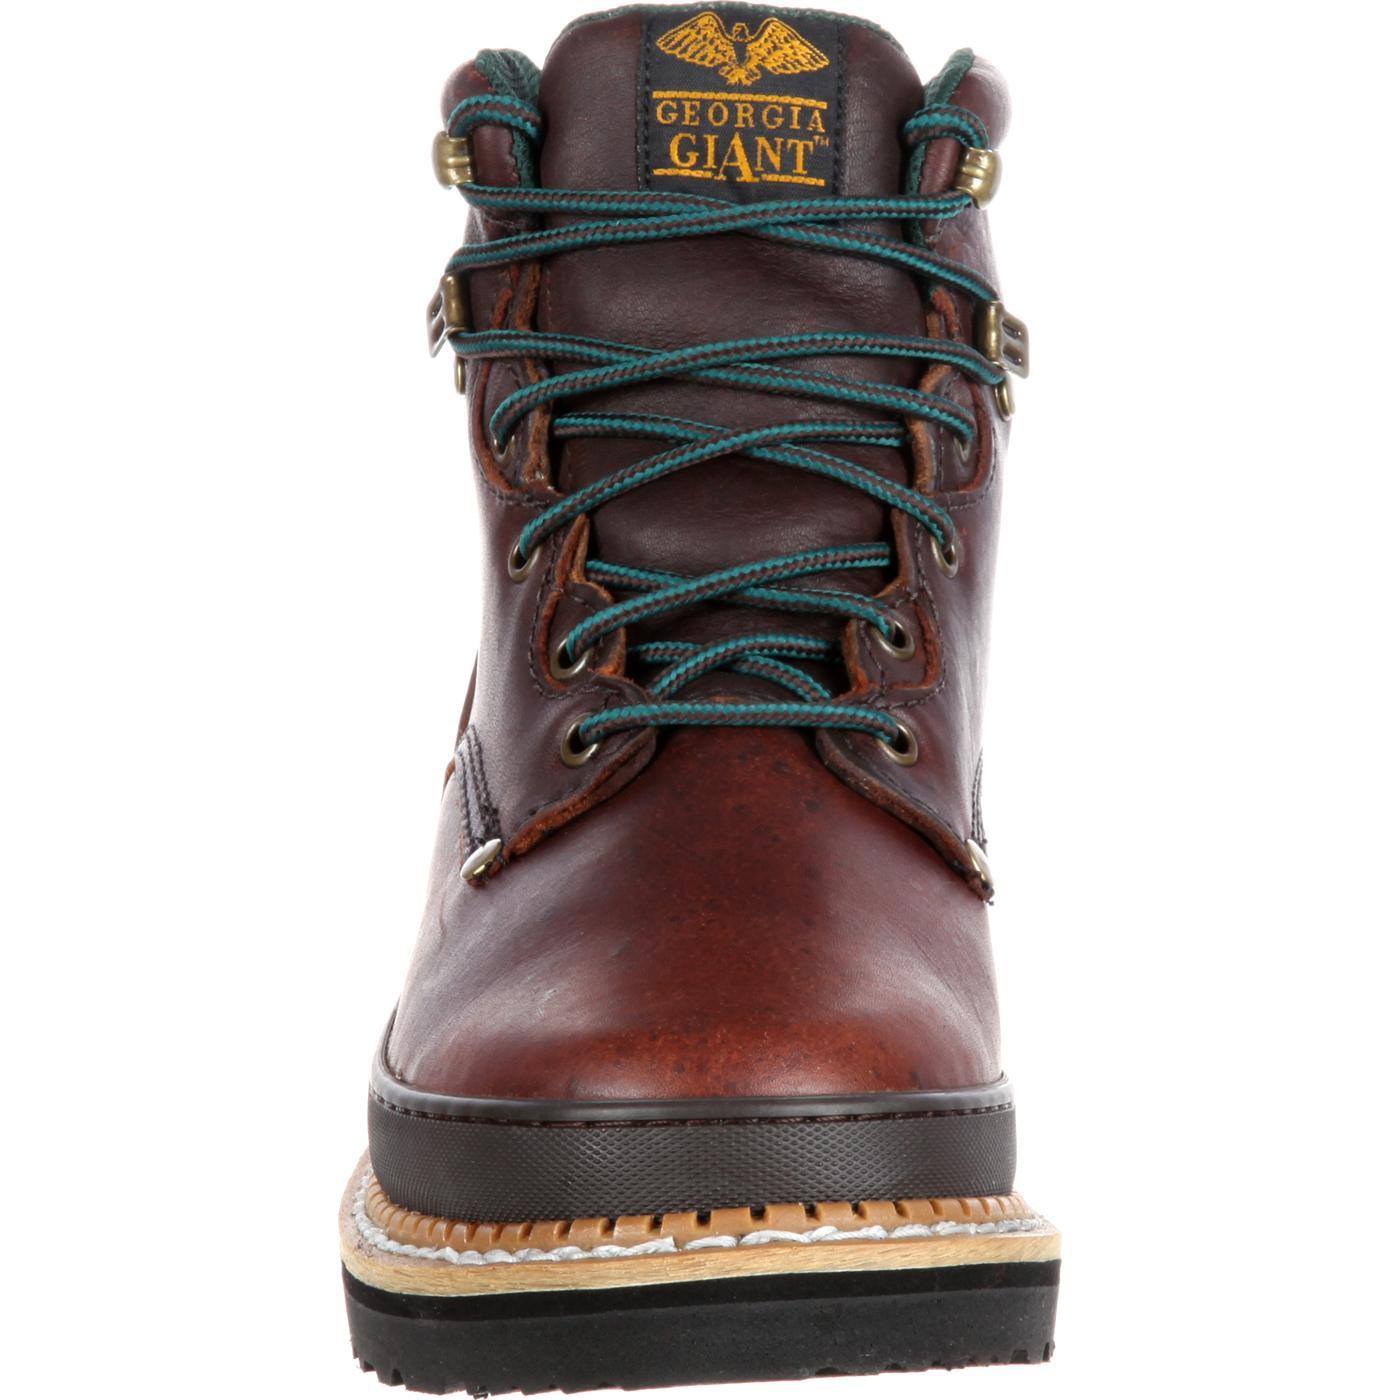 comfortable p mens brown men s hei dewalt qlt boot boots wid work steel prod comforter camden toe